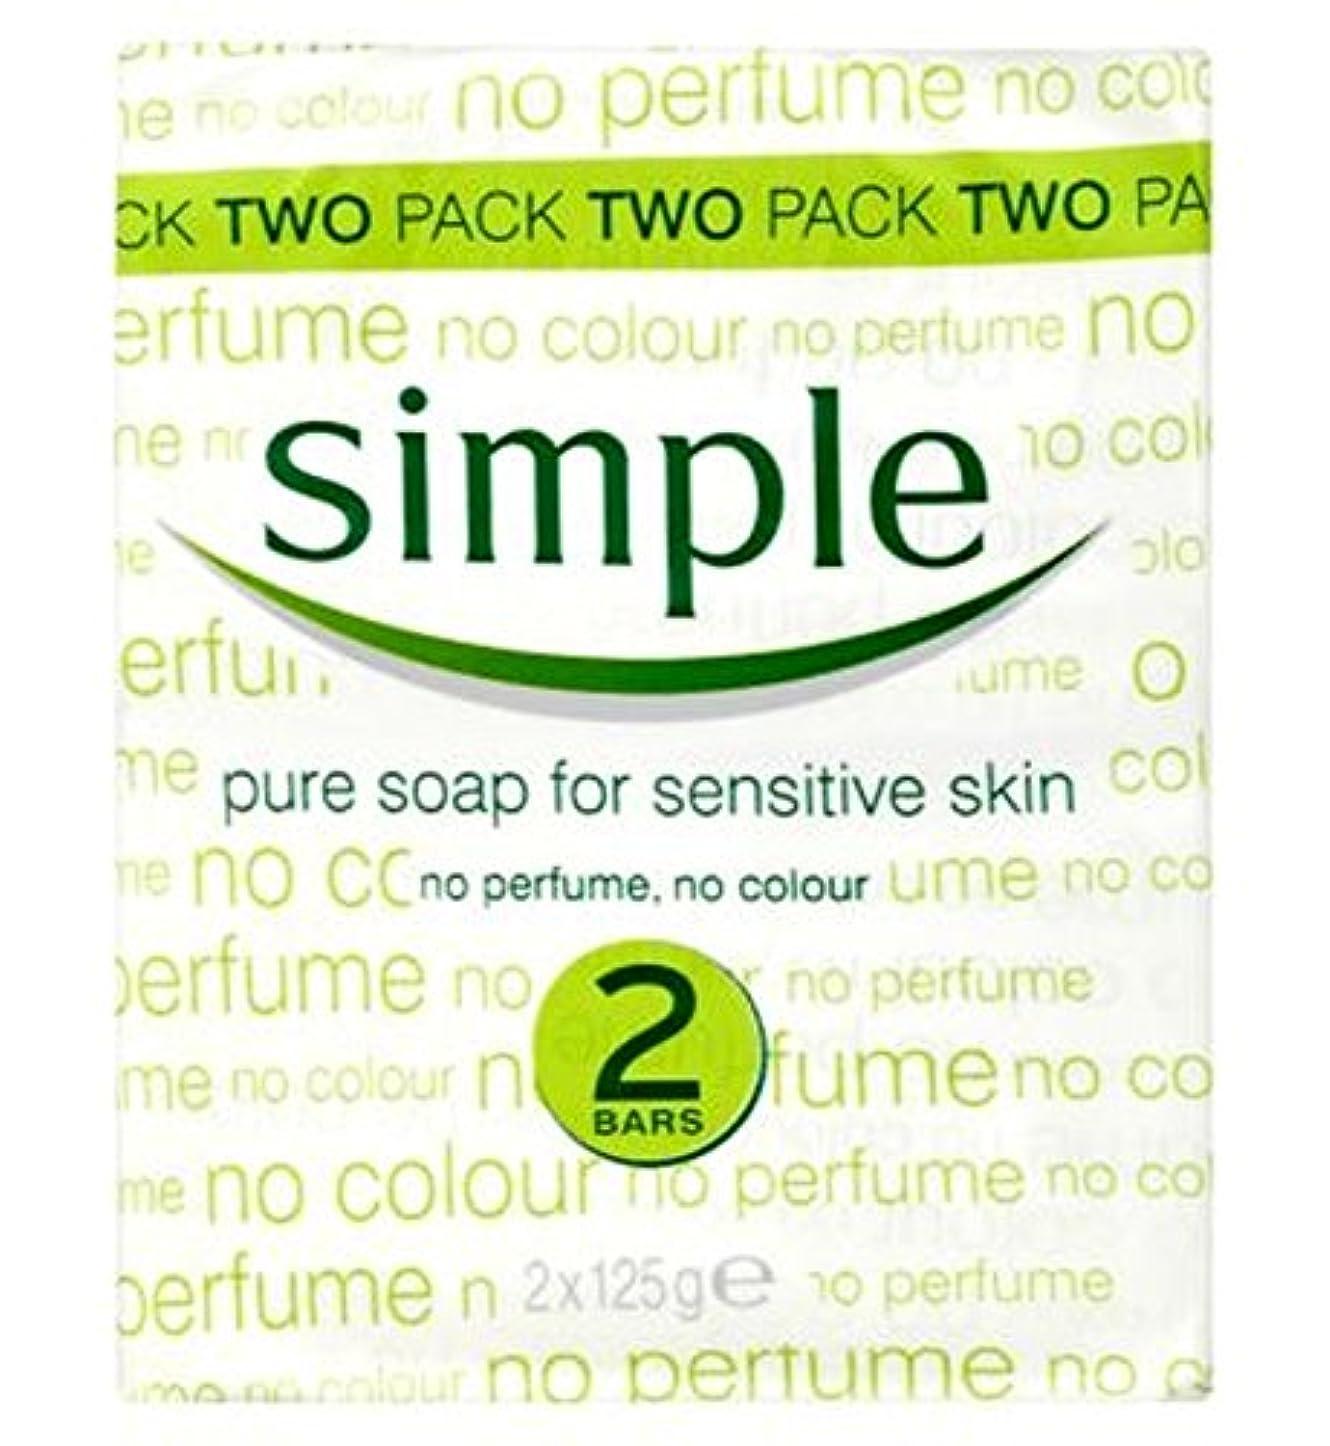 頑丈ブラウス聴覚Simple Pure Soap Bar for Sensitive Skin 2 x 125g - 敏感肌2のX 125グラムのためのシンプルな、純粋な石鹸バー (Simple) [並行輸入品]